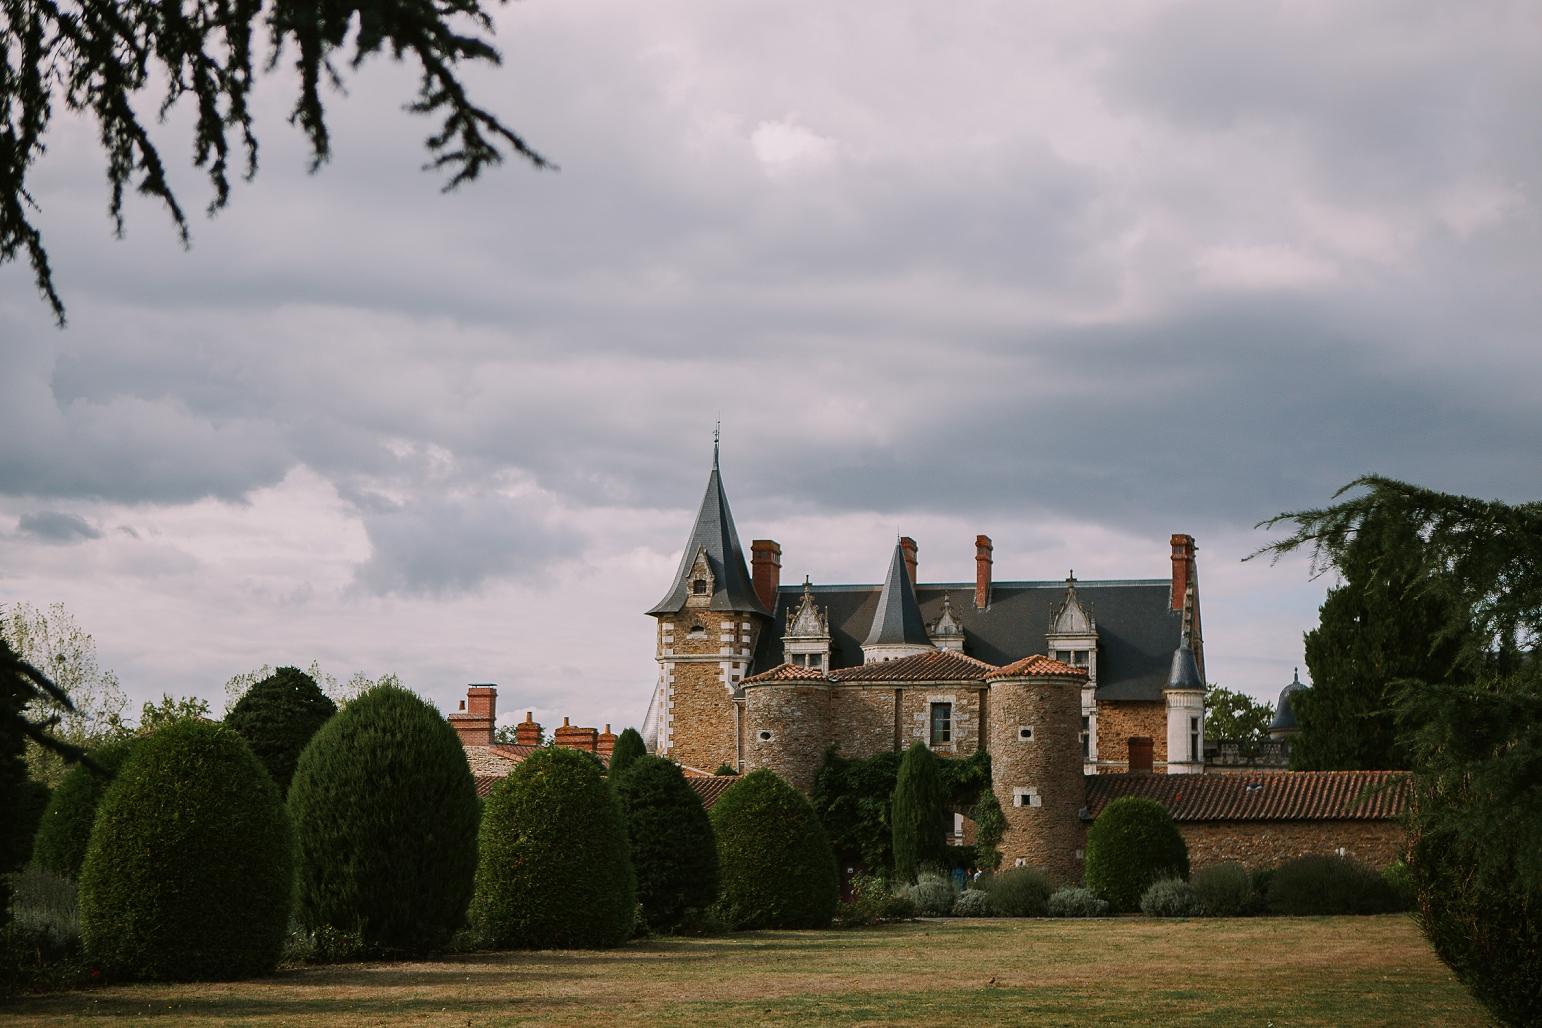 kateryna-photos-mariage-wedding-france-bretagne-pays-de-la-loire-chateau-de-la-colaissiere-st-sauveur-de-landemont_0052.jpg